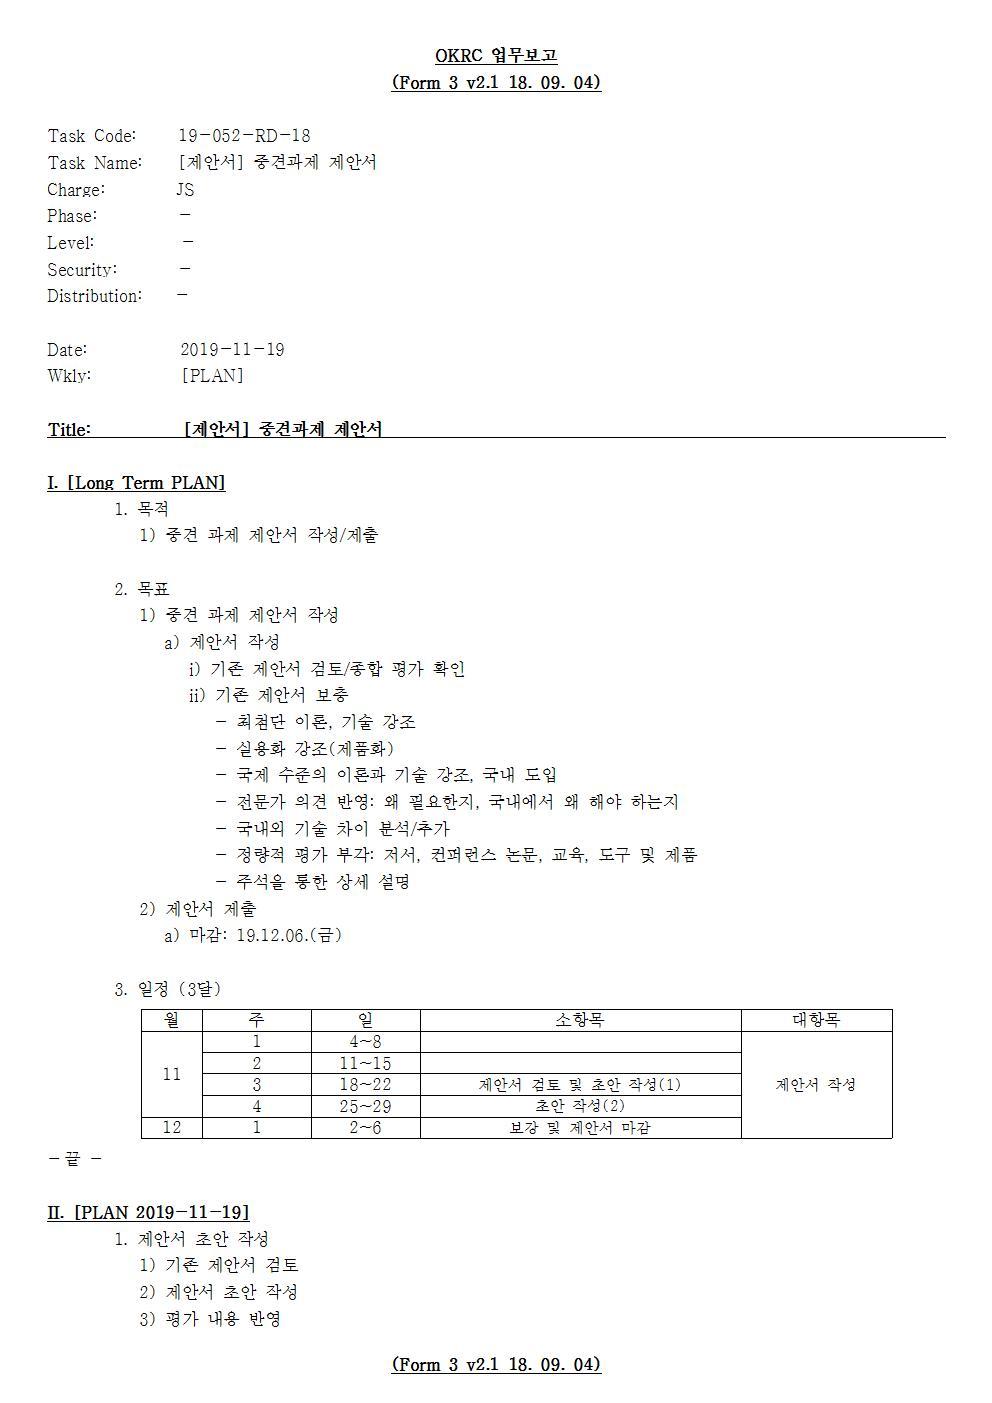 D-[19-052-RD-18]-[제안서-중견과제 제안서]-[2019-11-22][JS]-[19-11-3]-[P+D+C]001.jpg